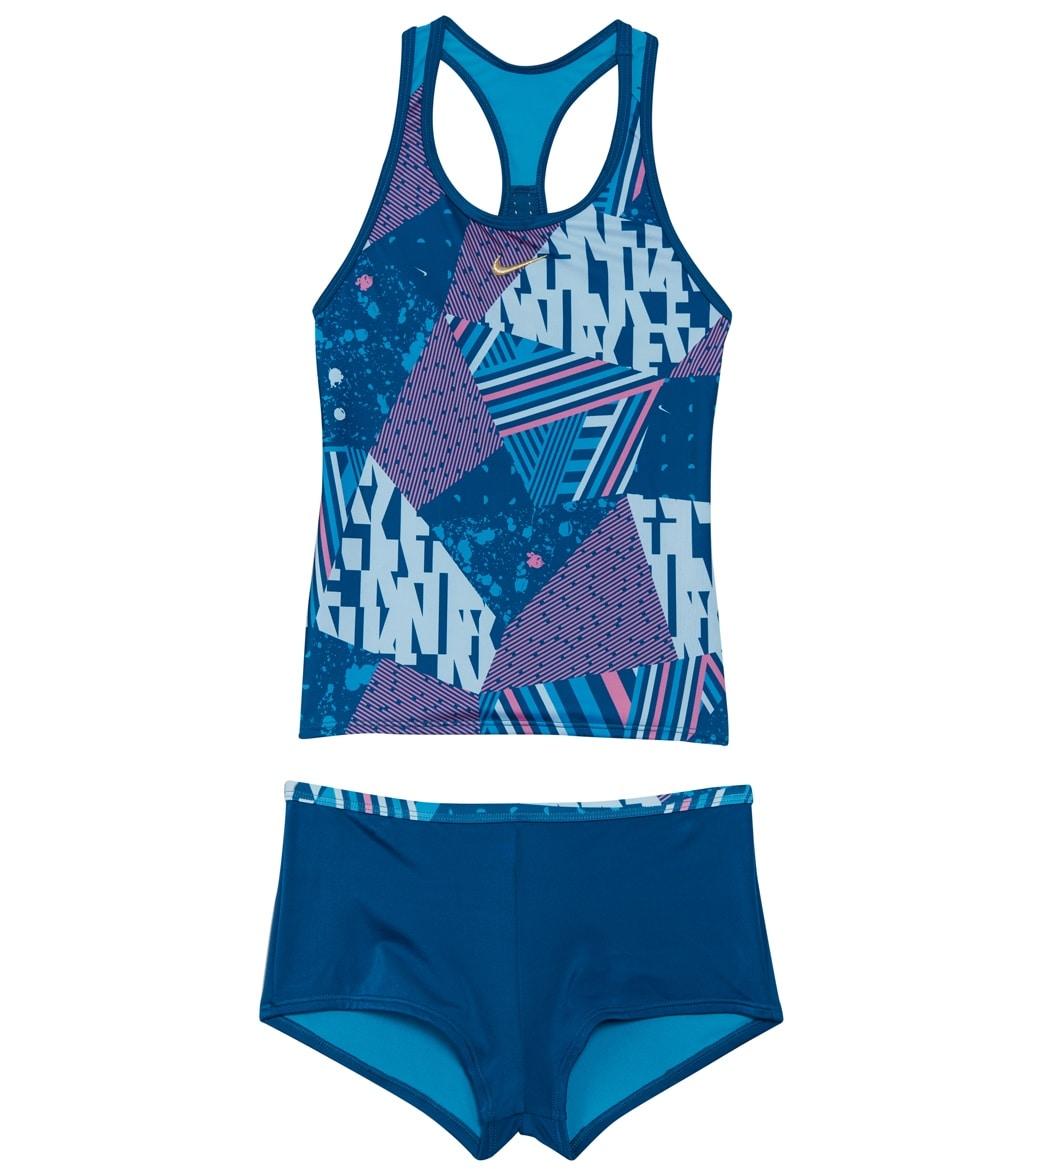 da10b2b0b3e37 Nike Girls' Mash Up Racerback Tankini Set (Big Kid) at SwimOutlet.com